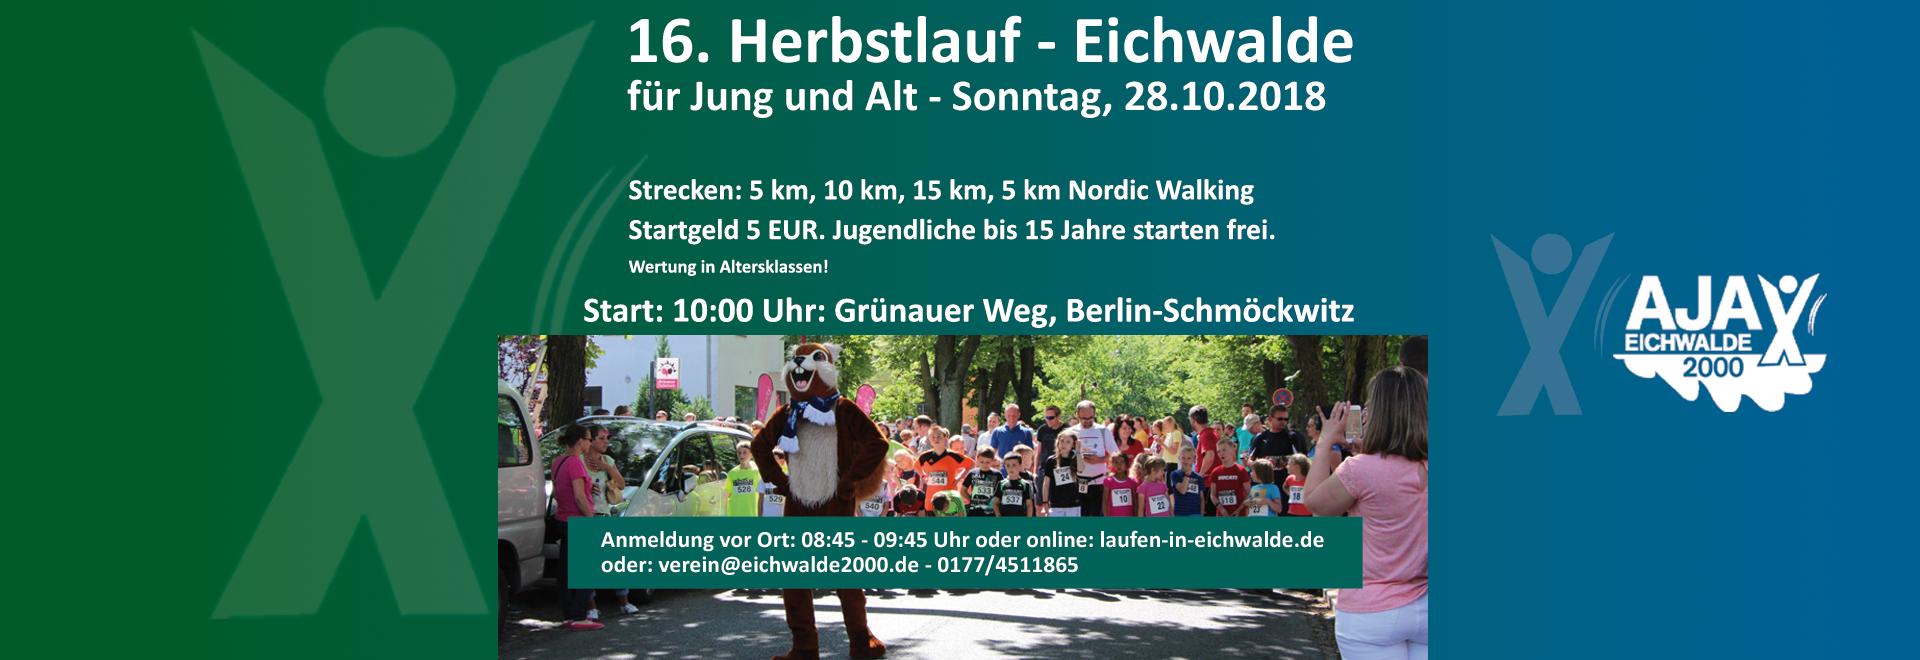 Banner-Website_Herbstlauf-1